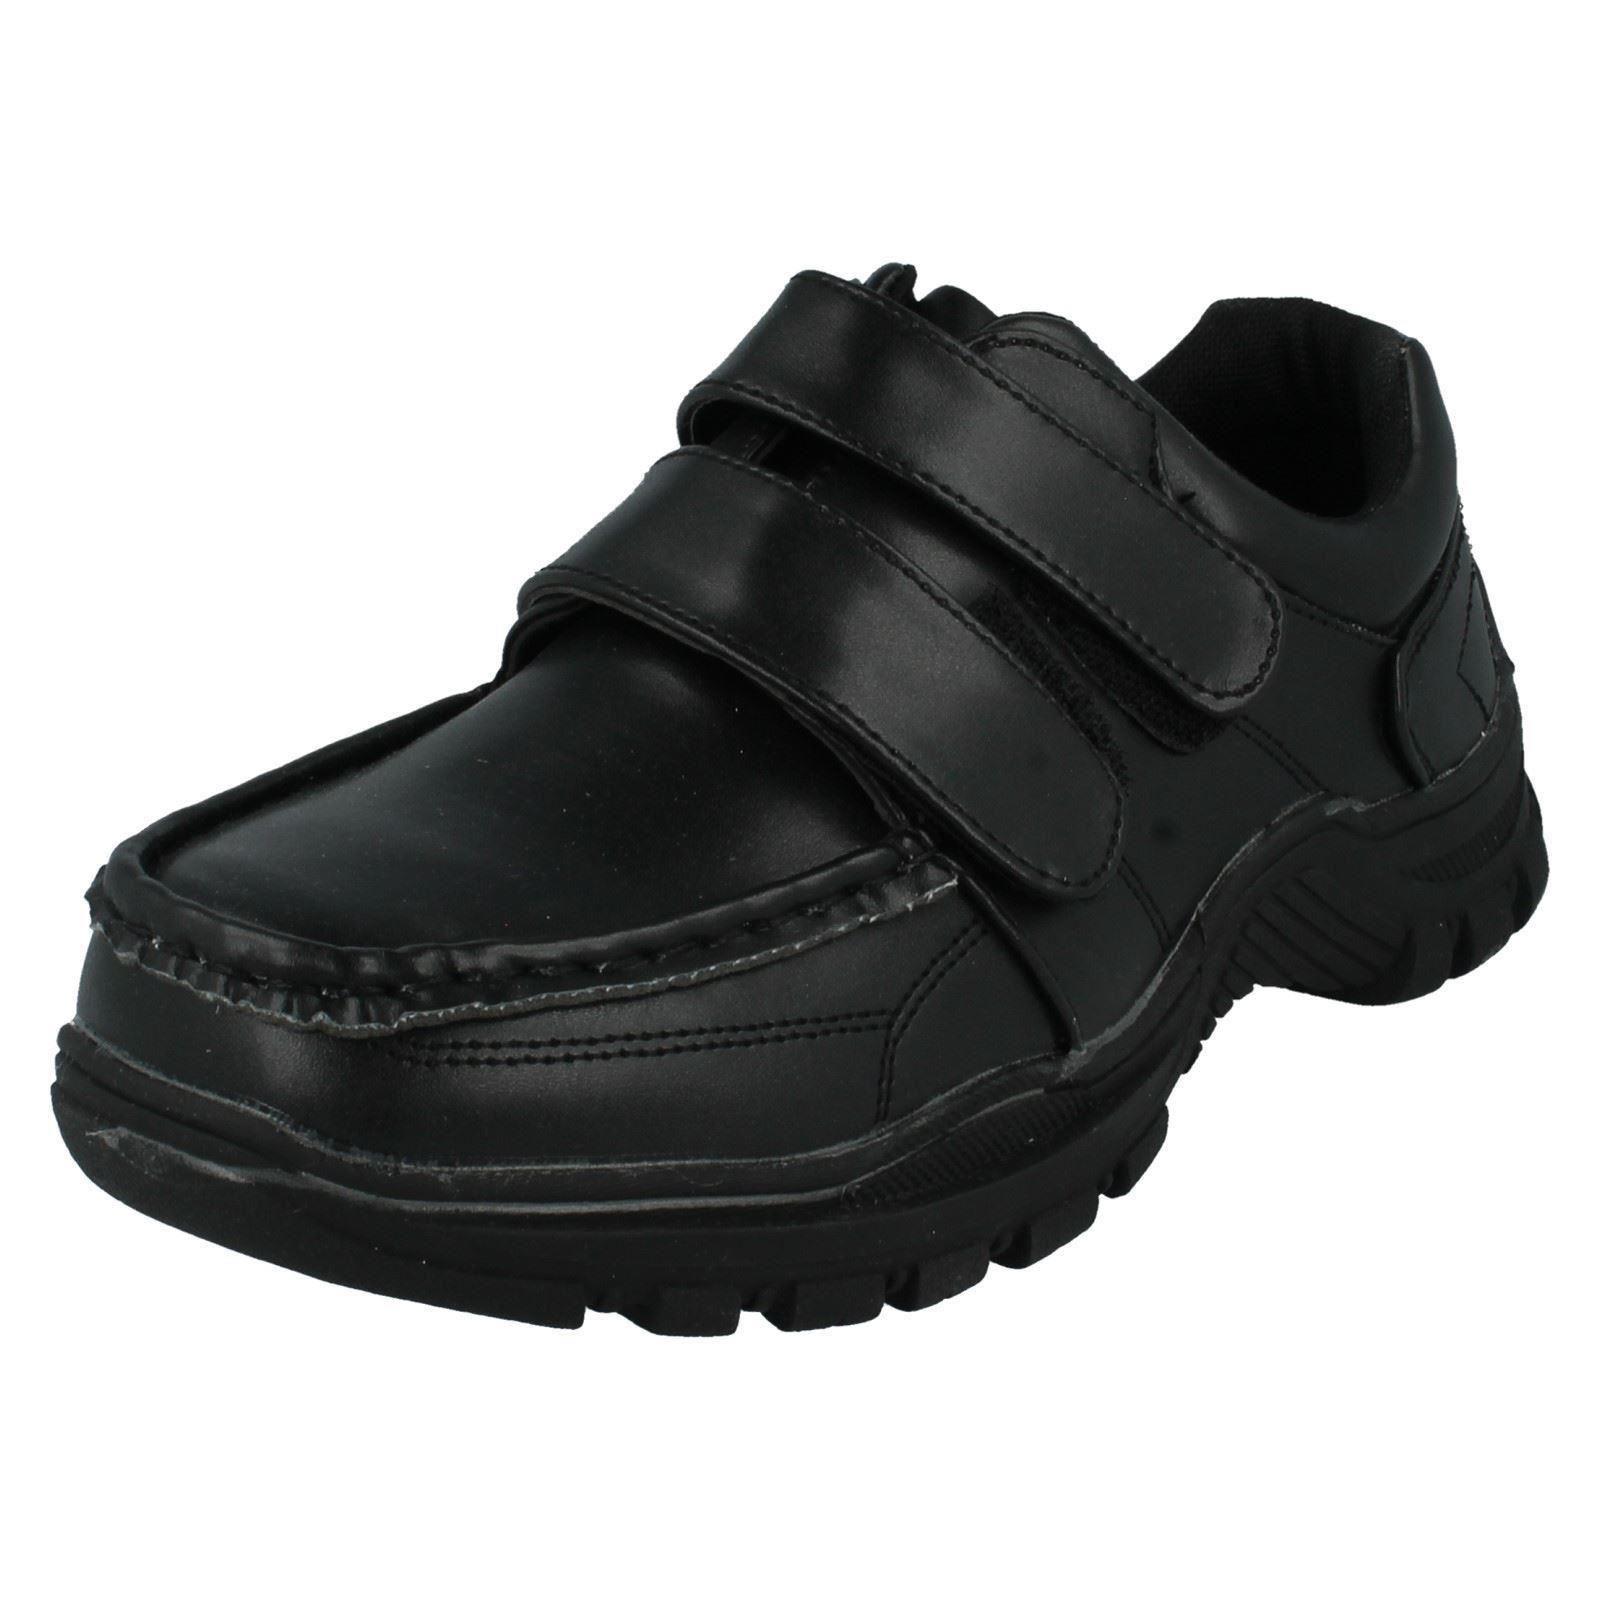 Los Chicos De Etiqueta Roja Zapatos el estilo-n1060